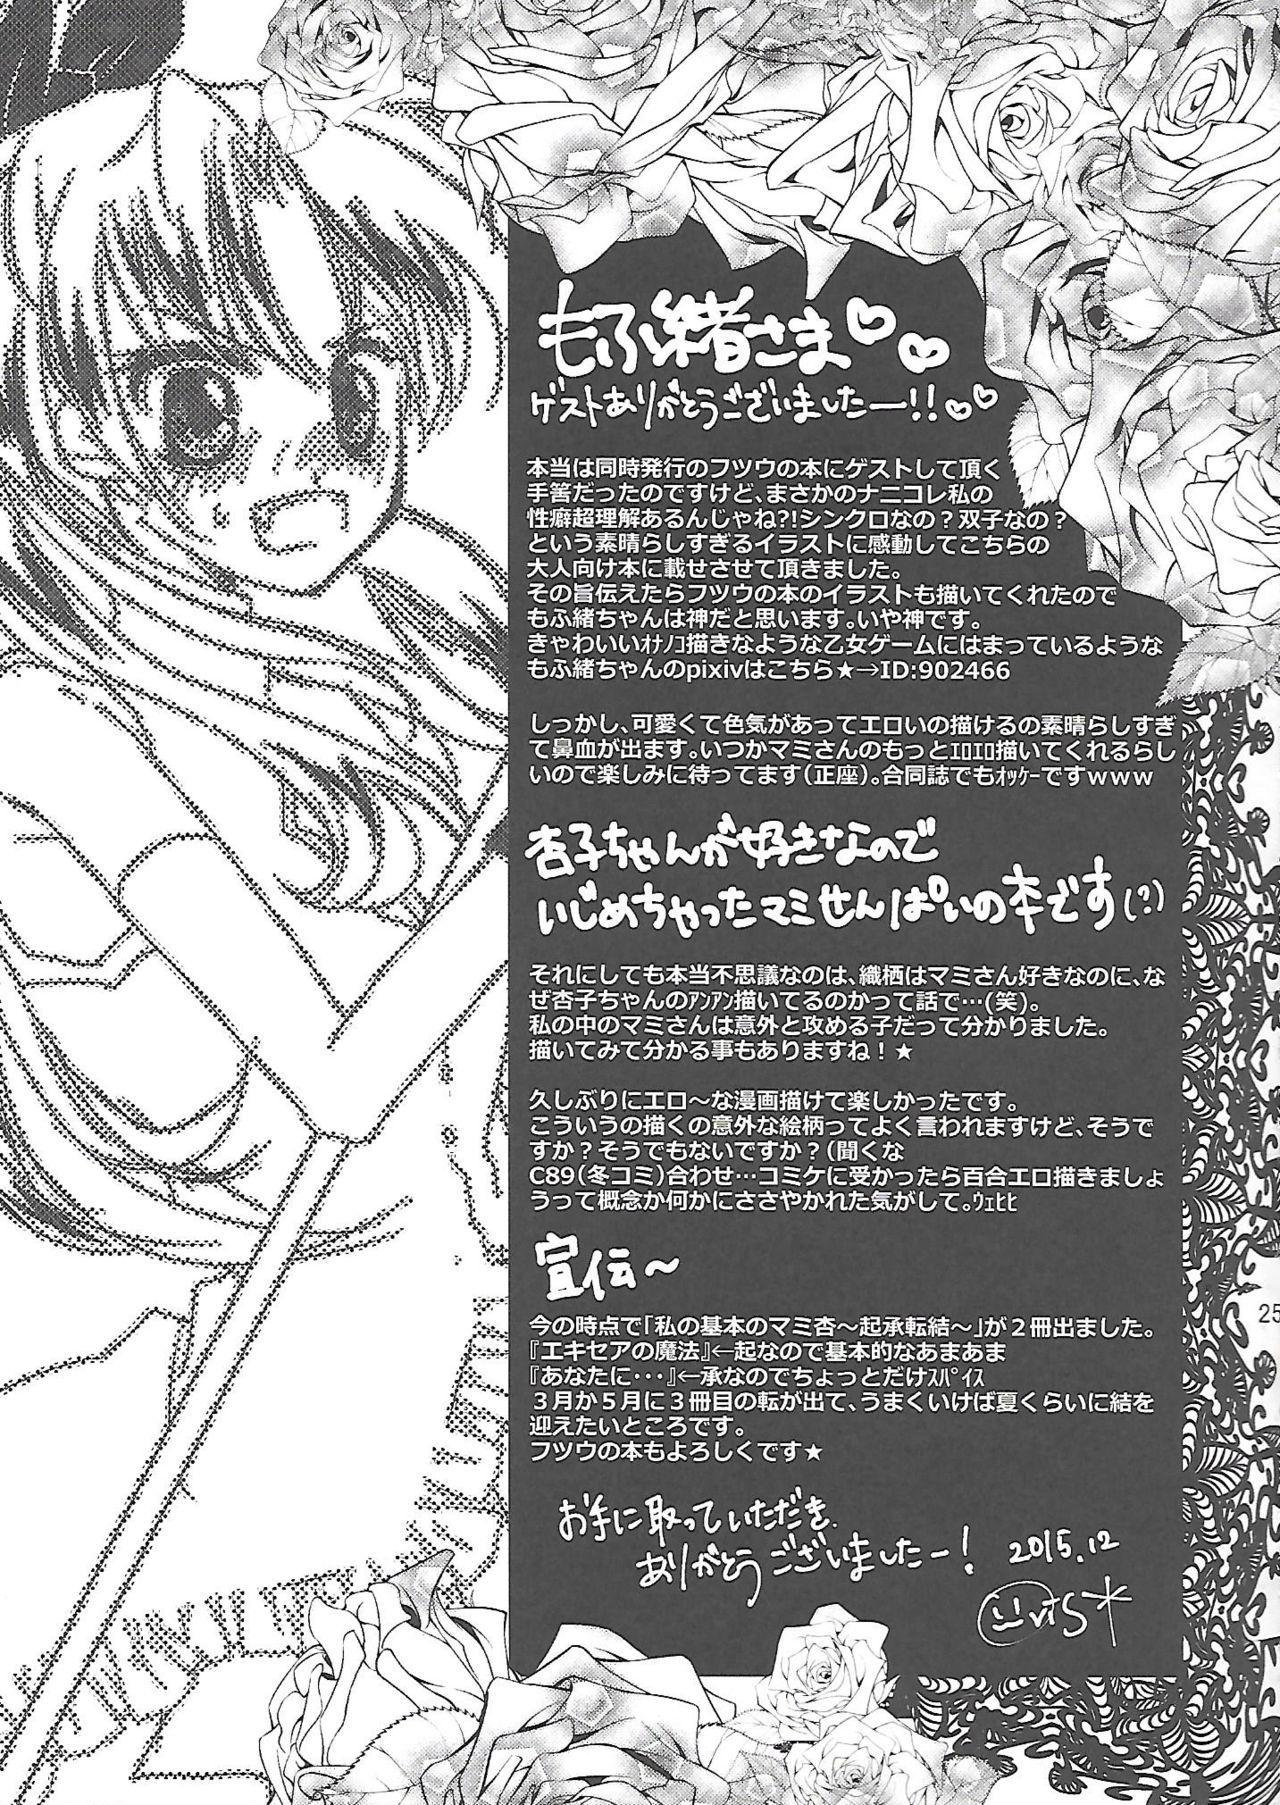 Kousoku Shitai no 23